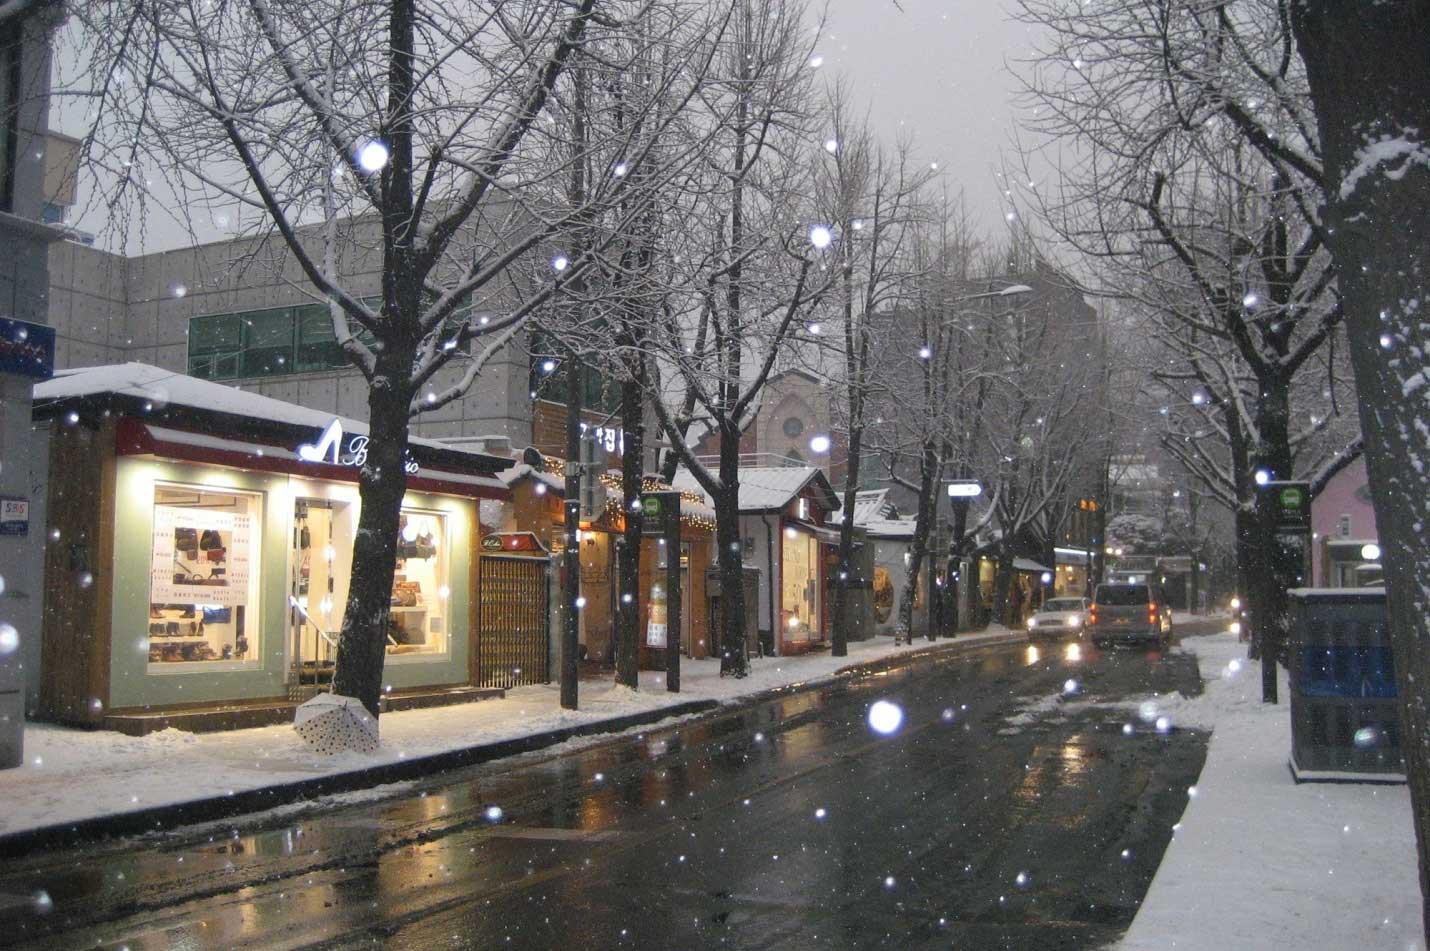 Hình ảnh đường phố tuyết rơi